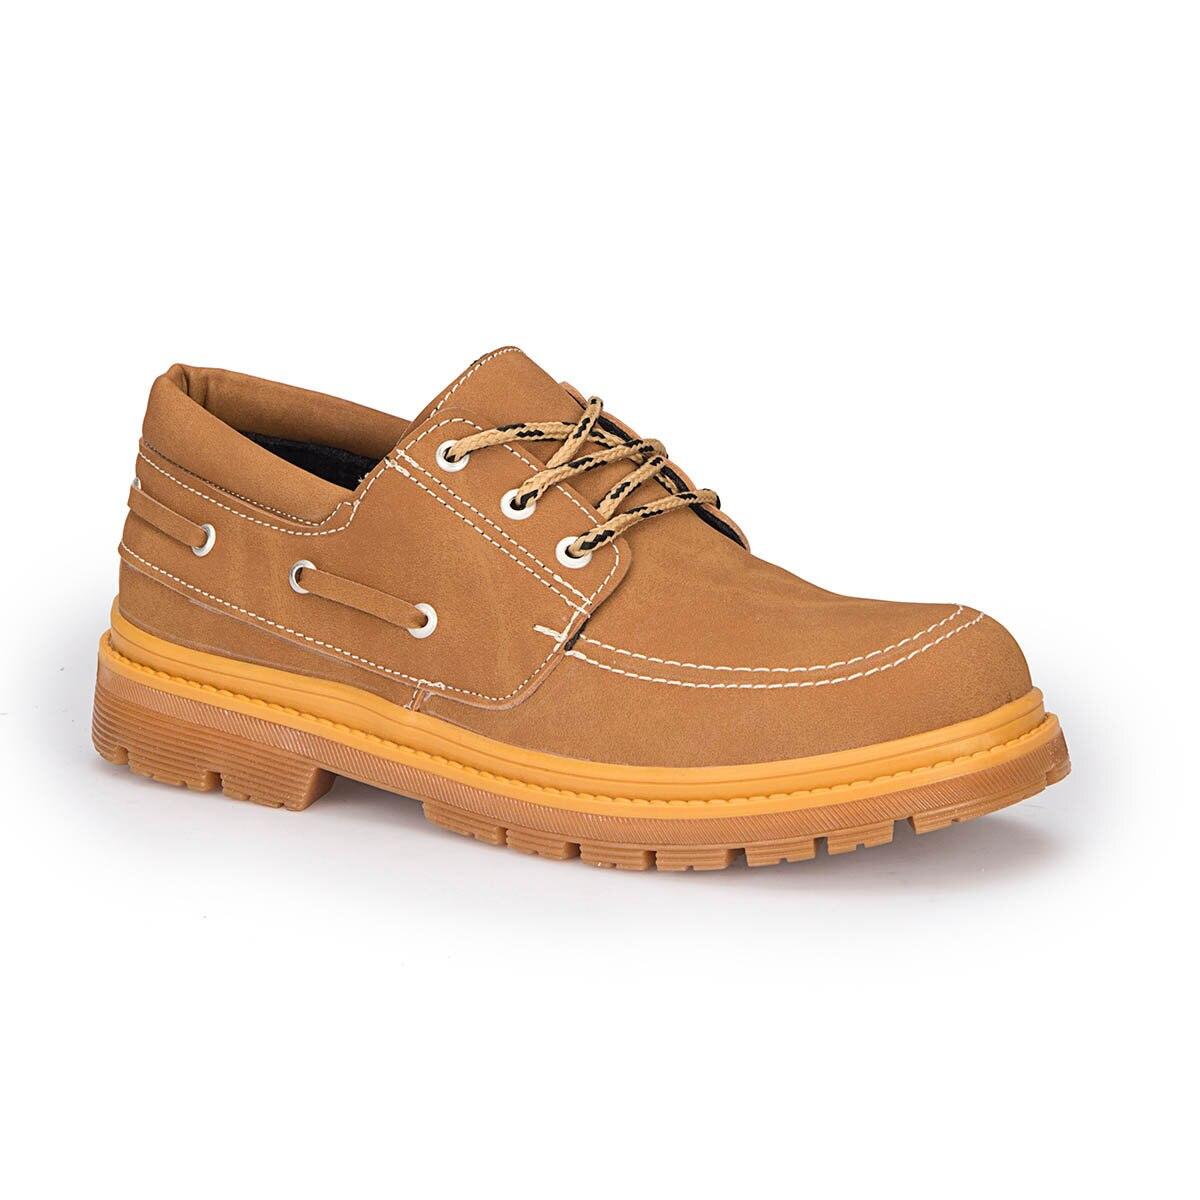 FLO 72.509828.F Camel Male Child Shoes Polaris